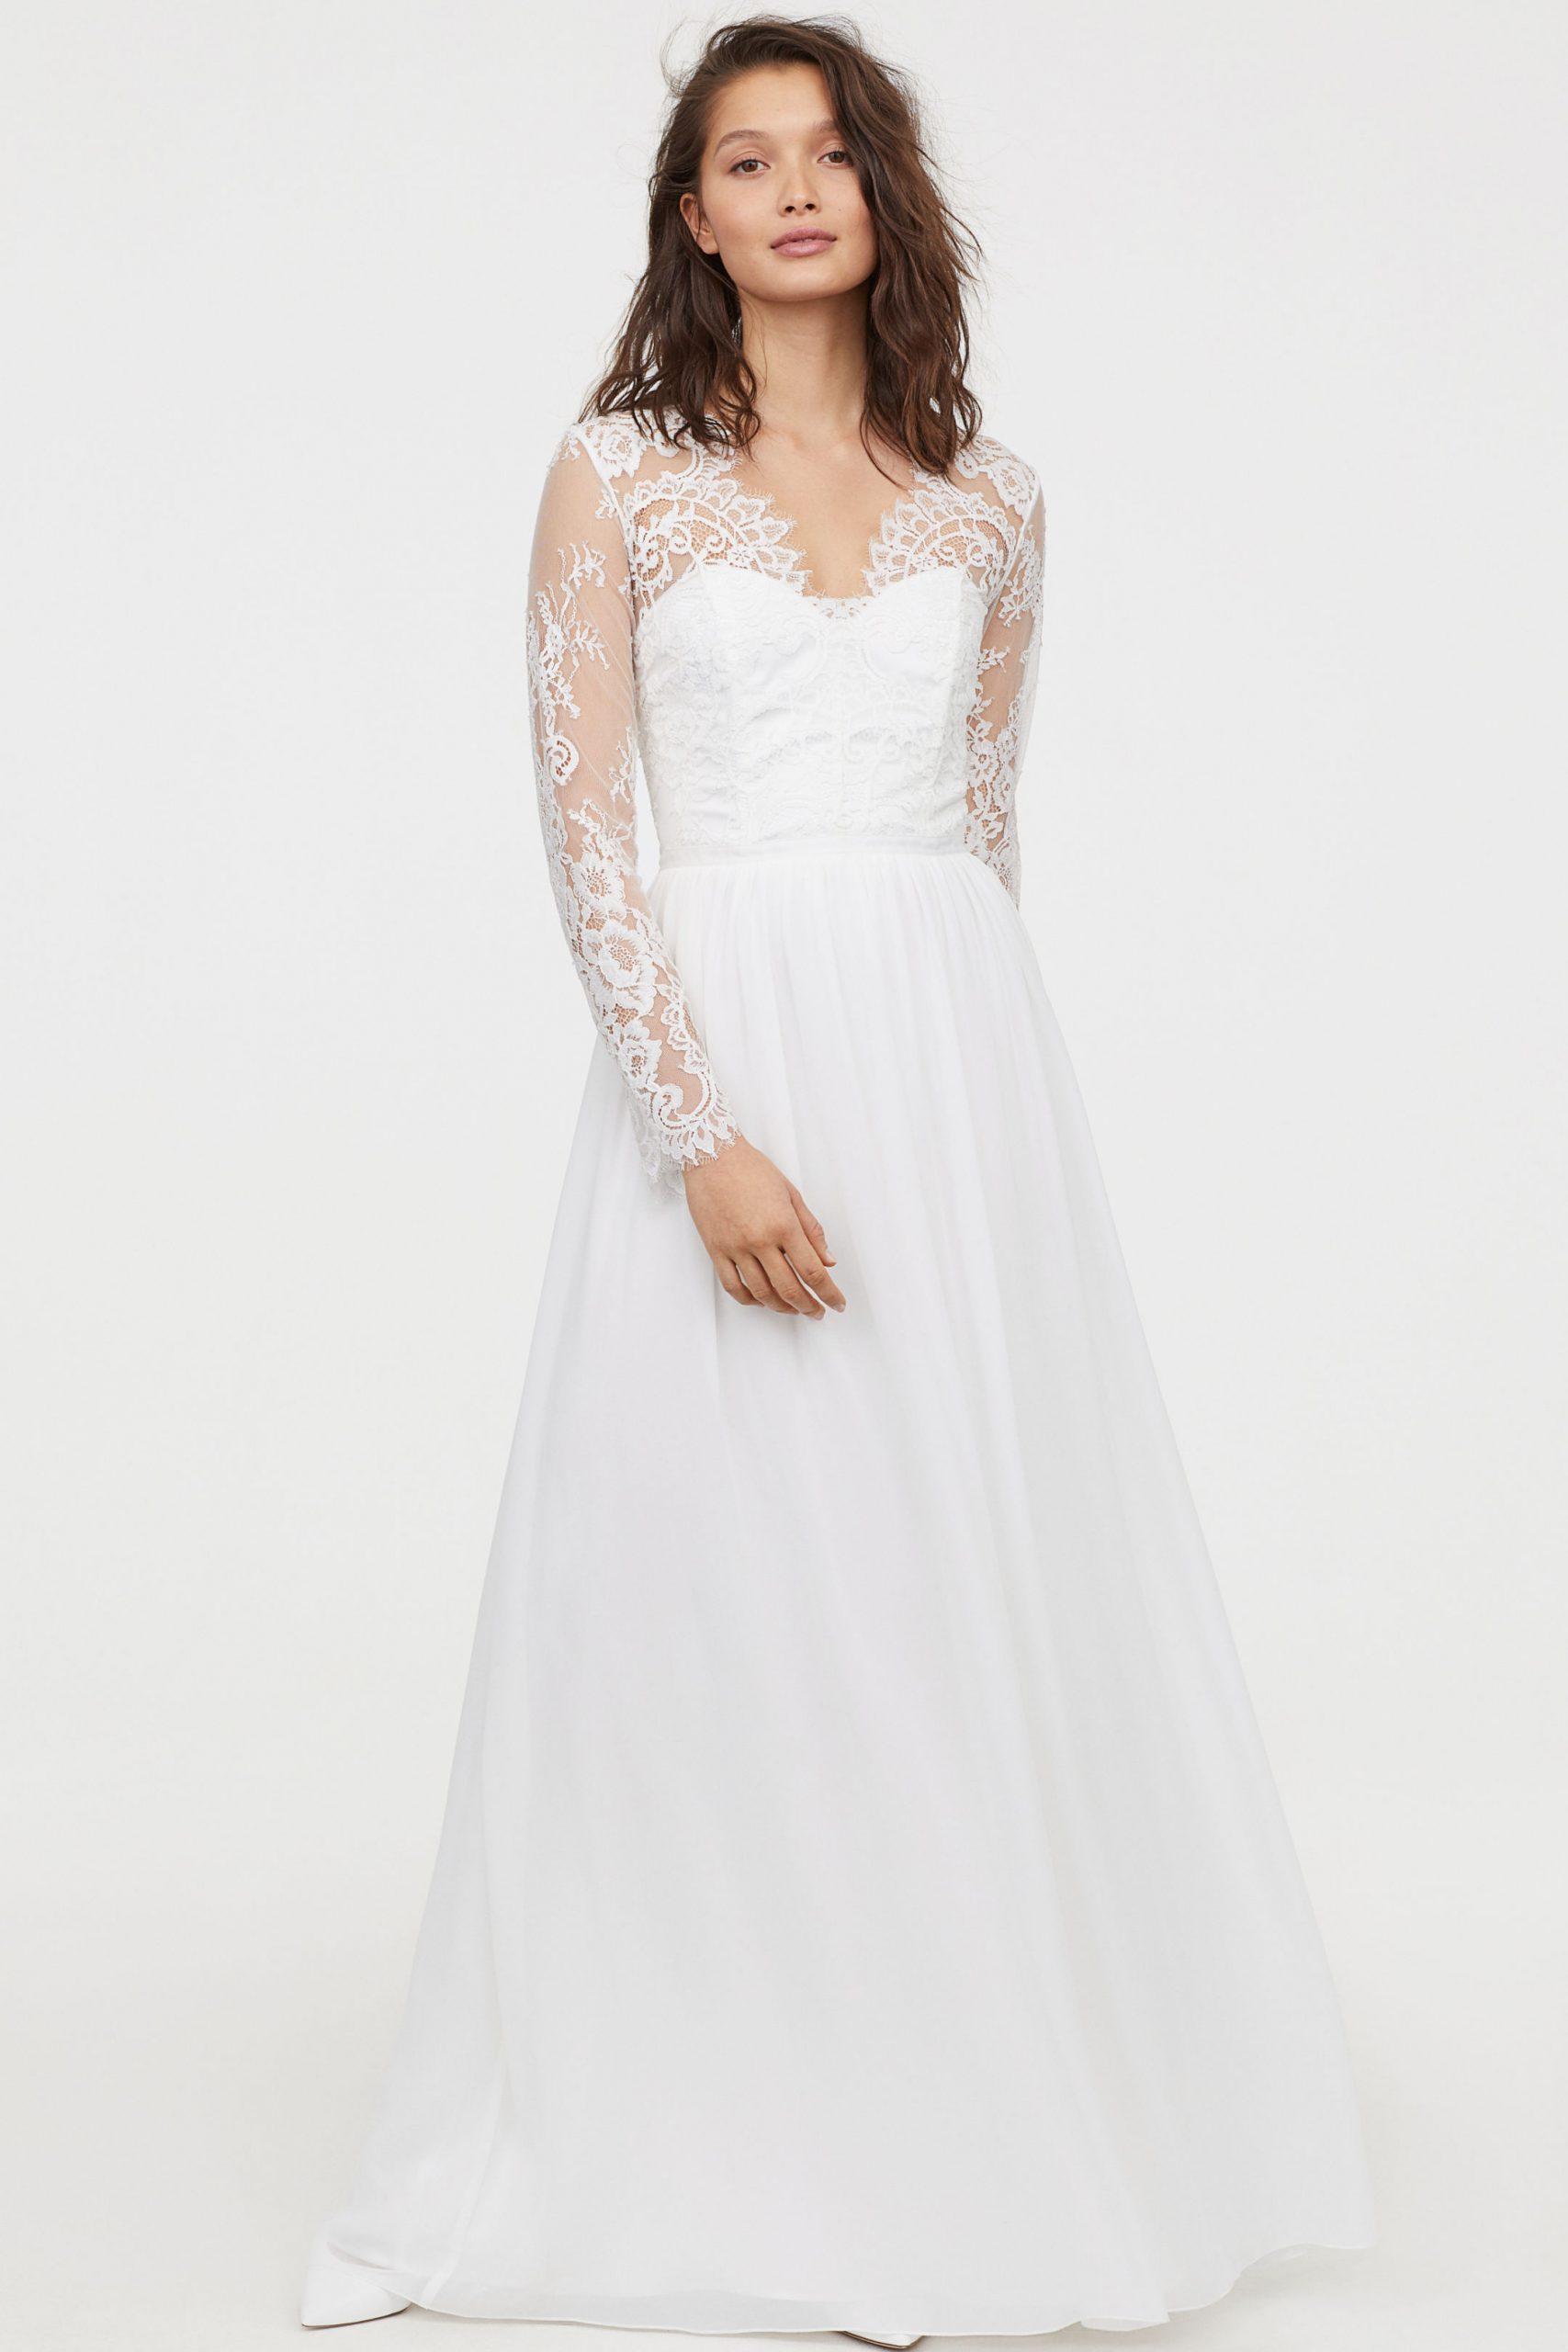 Wedding Dresses For Older Brides Long Sleeve Wedding Dresses